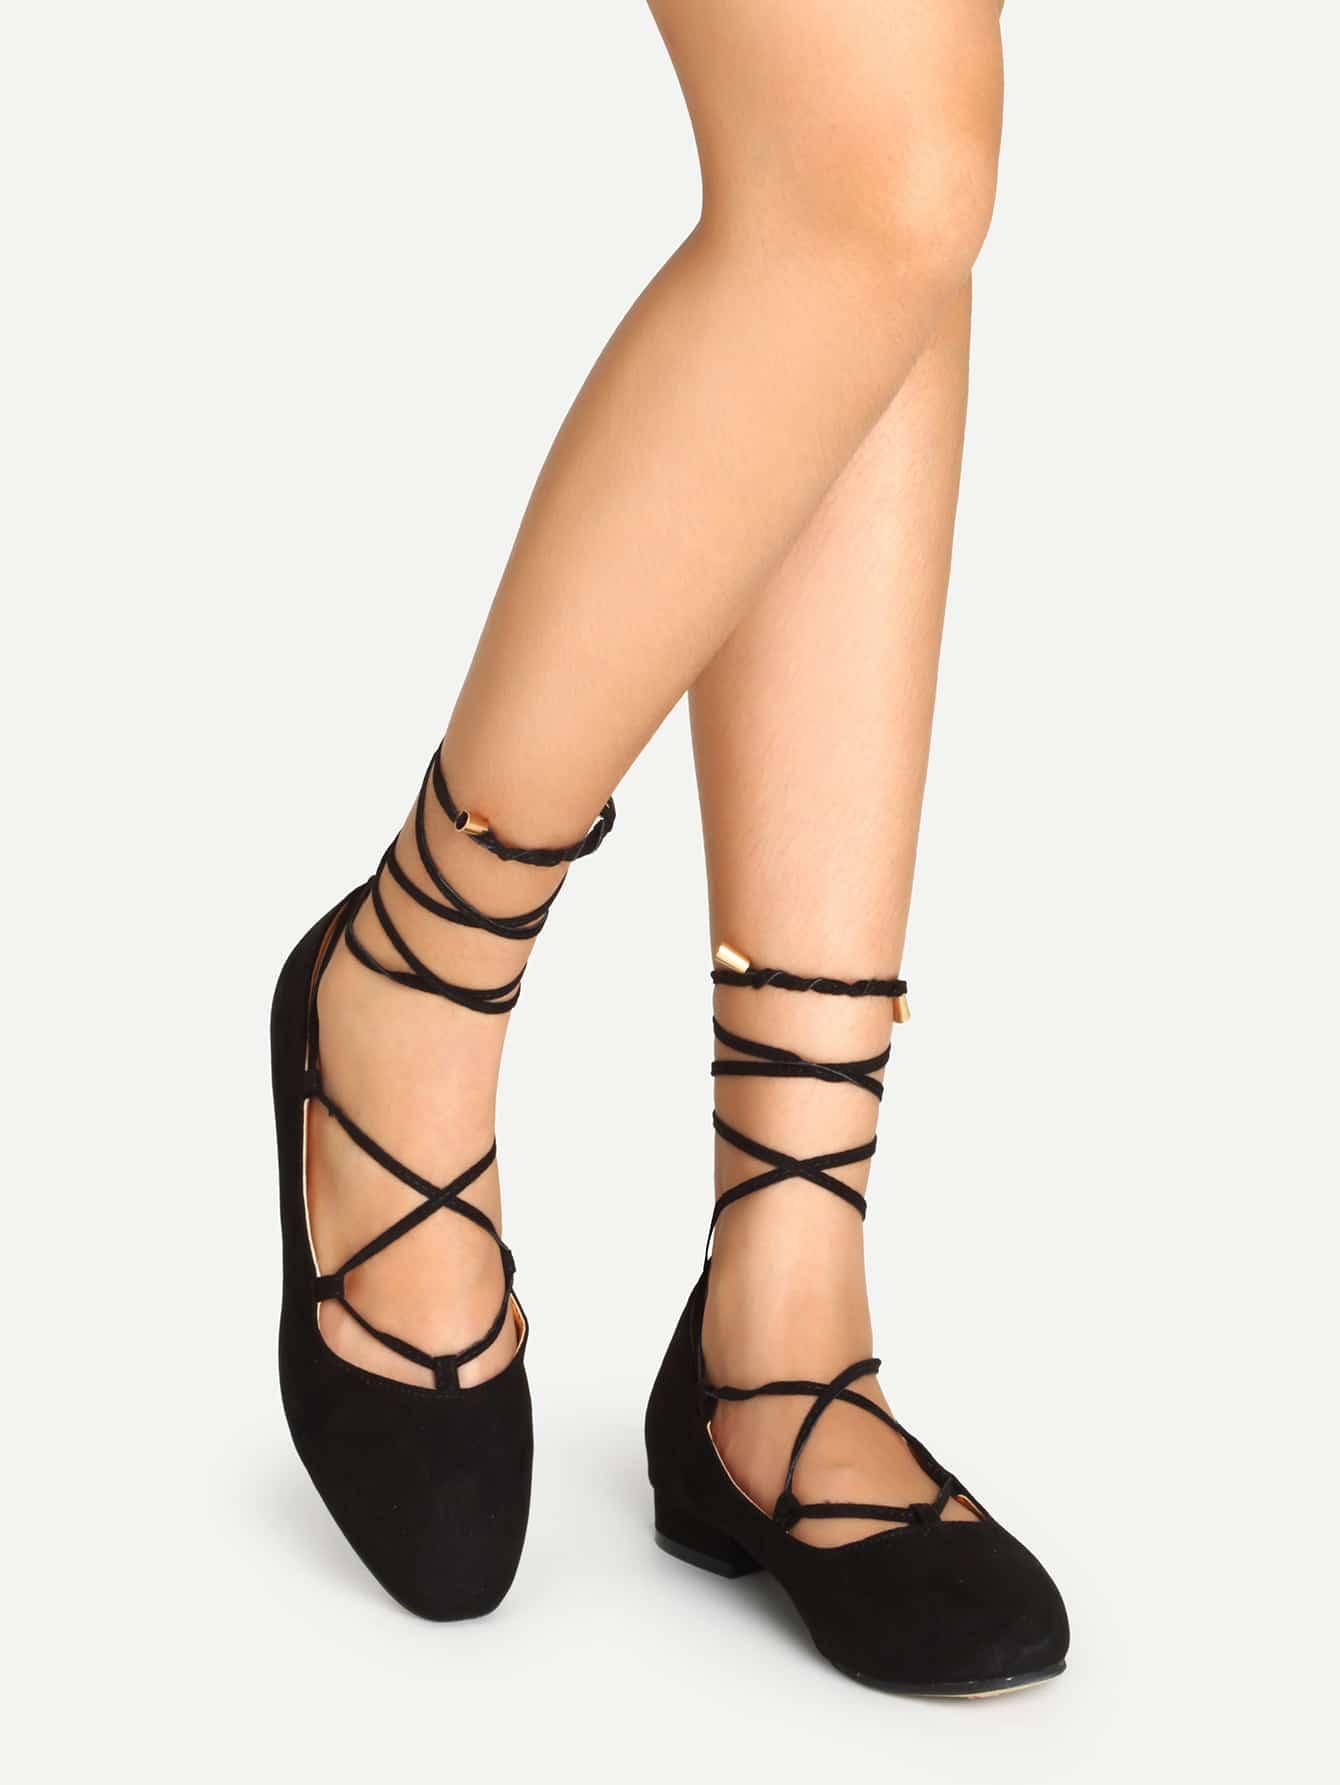 shoes160804804_2